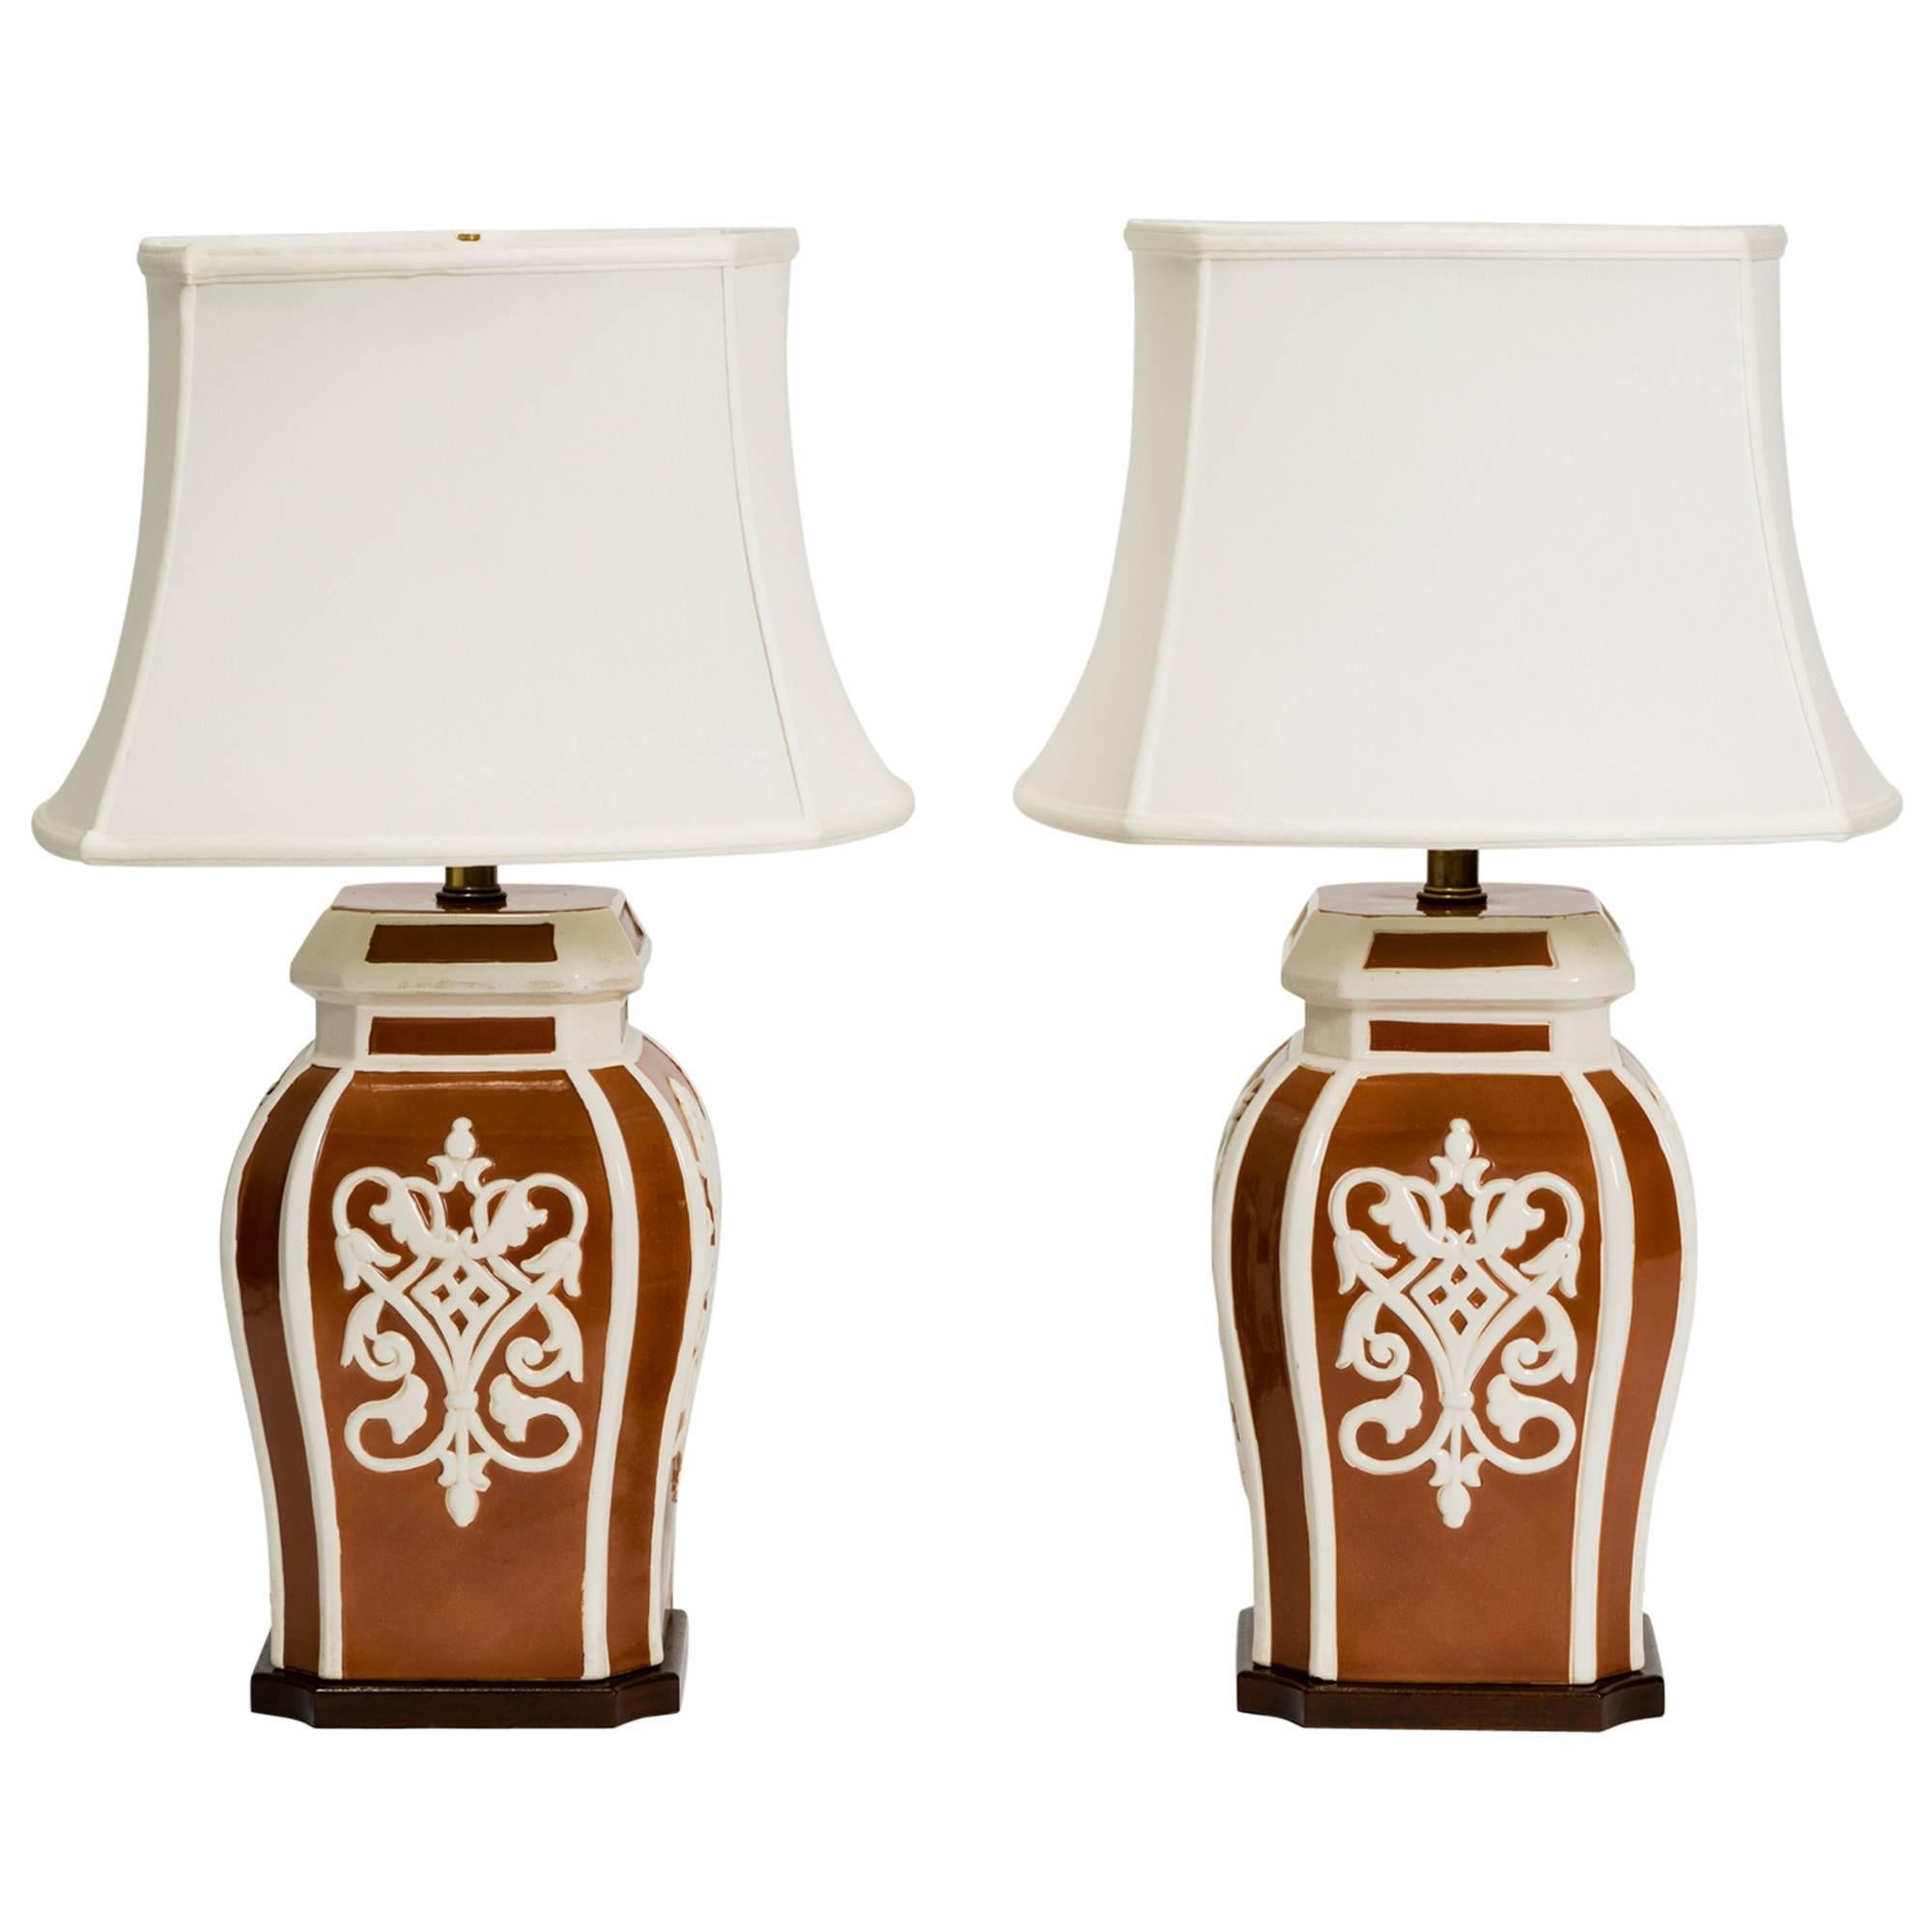 Pair of Frederick Cooper Ginger Jar Lamps